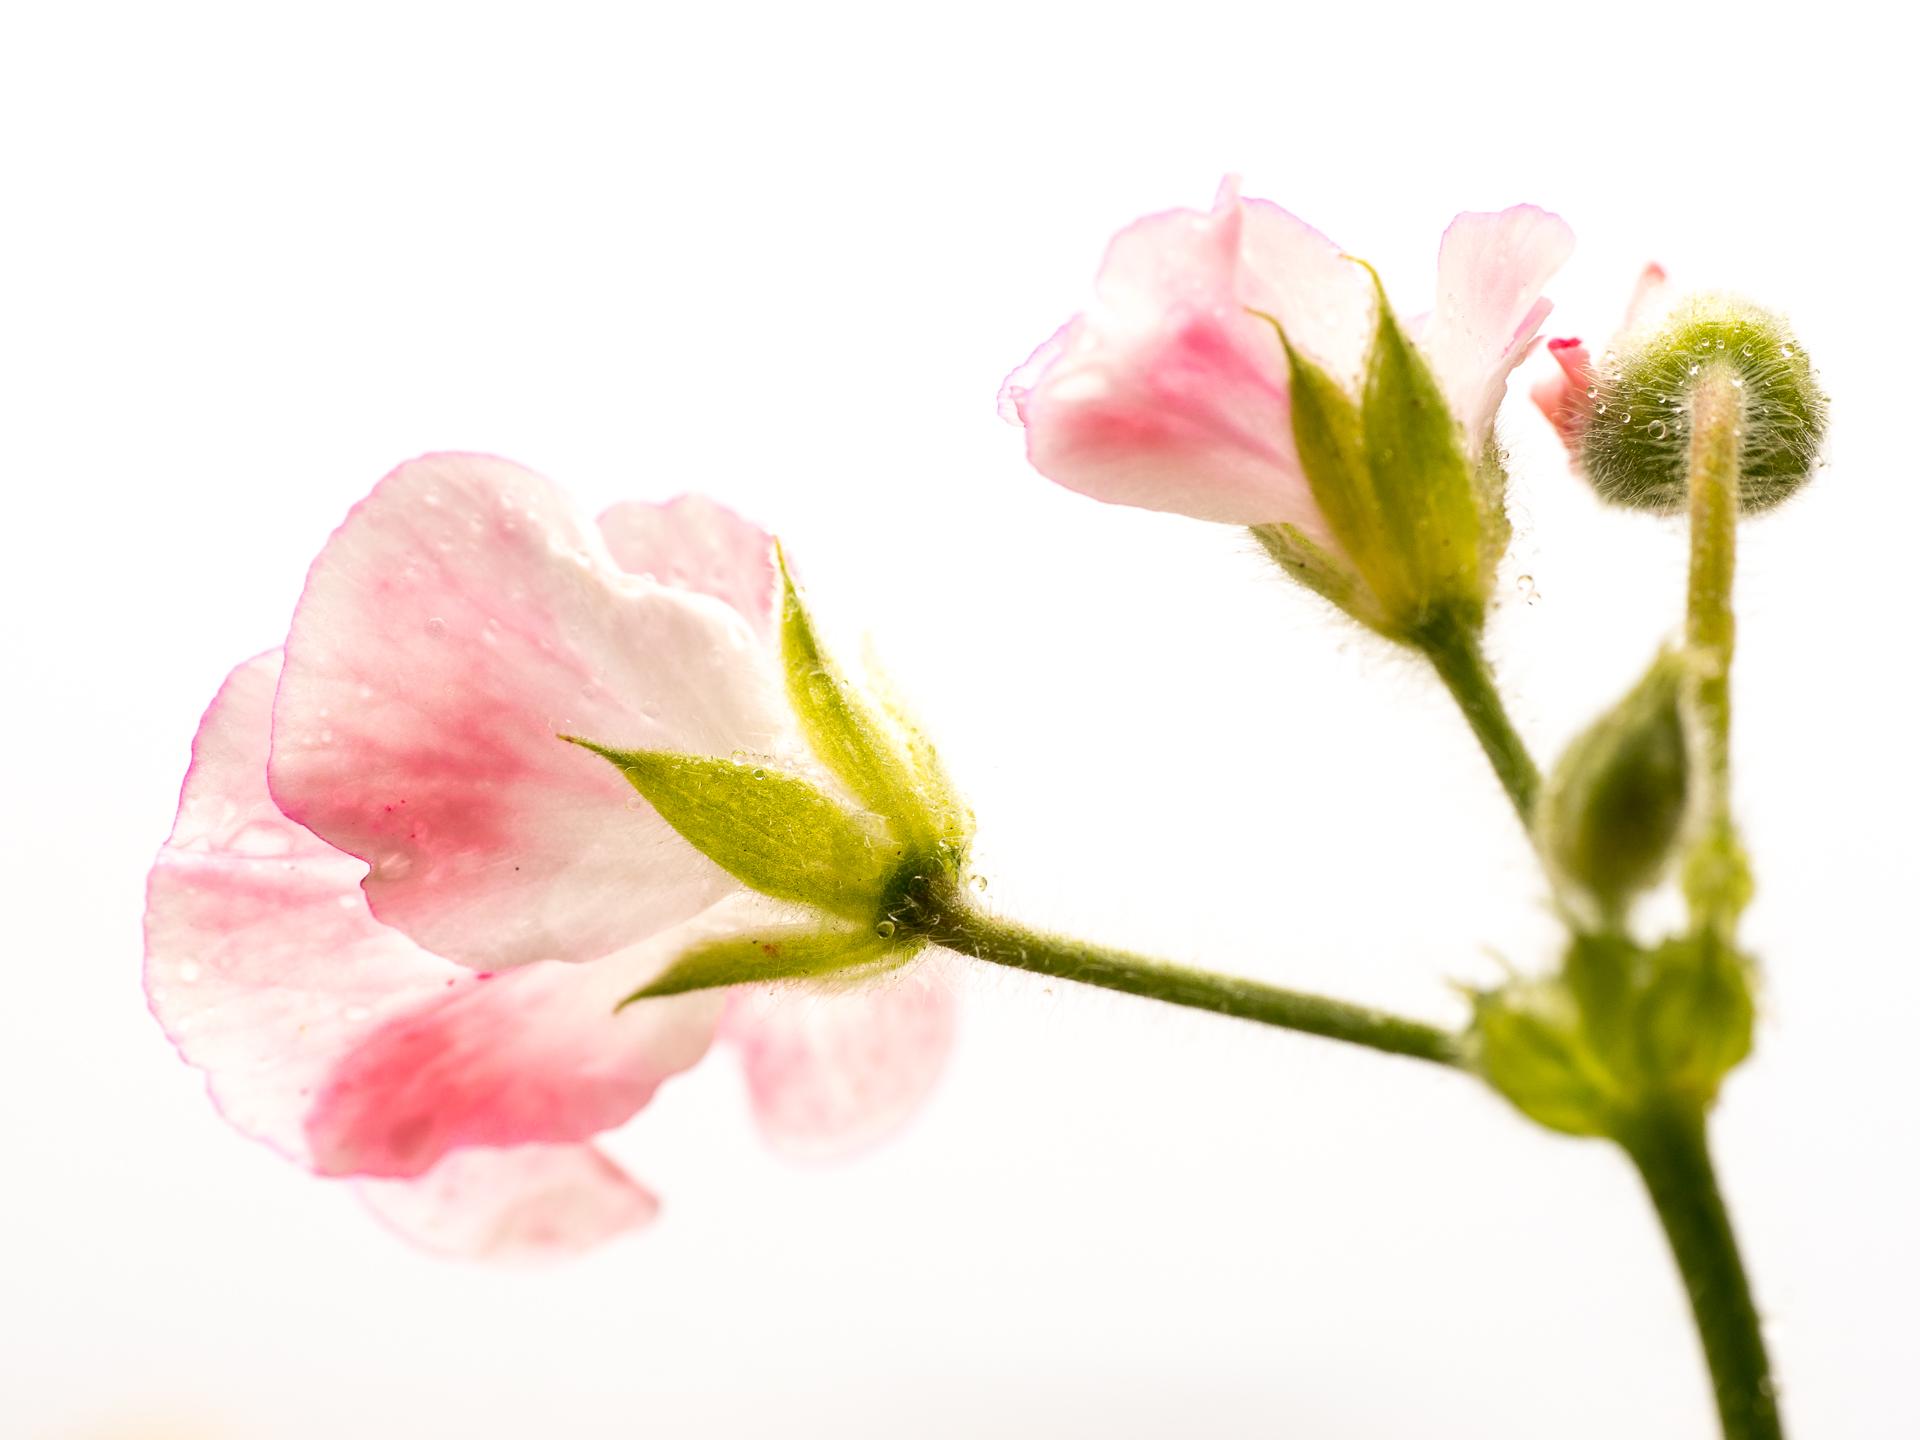 картинки как расцветают цветы помощник